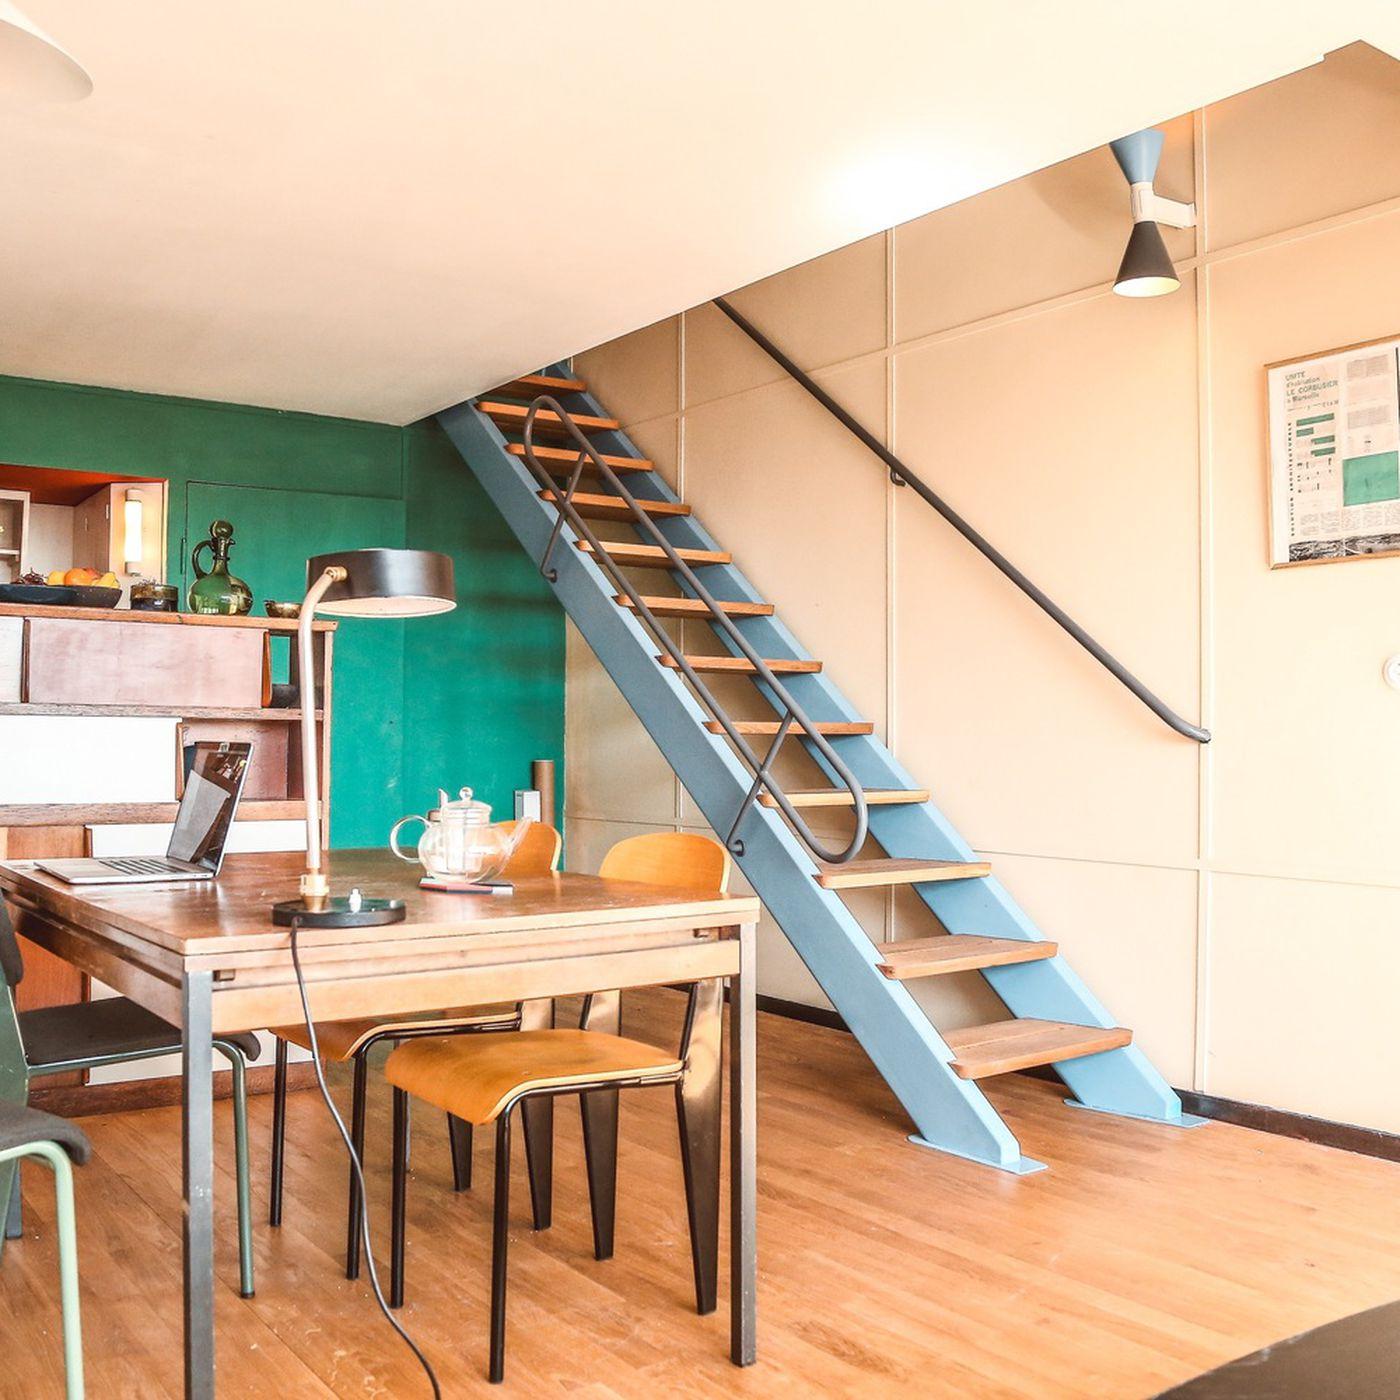 Le Corbusier Unite D Habitation unité d'habitation apartment renovation completes le